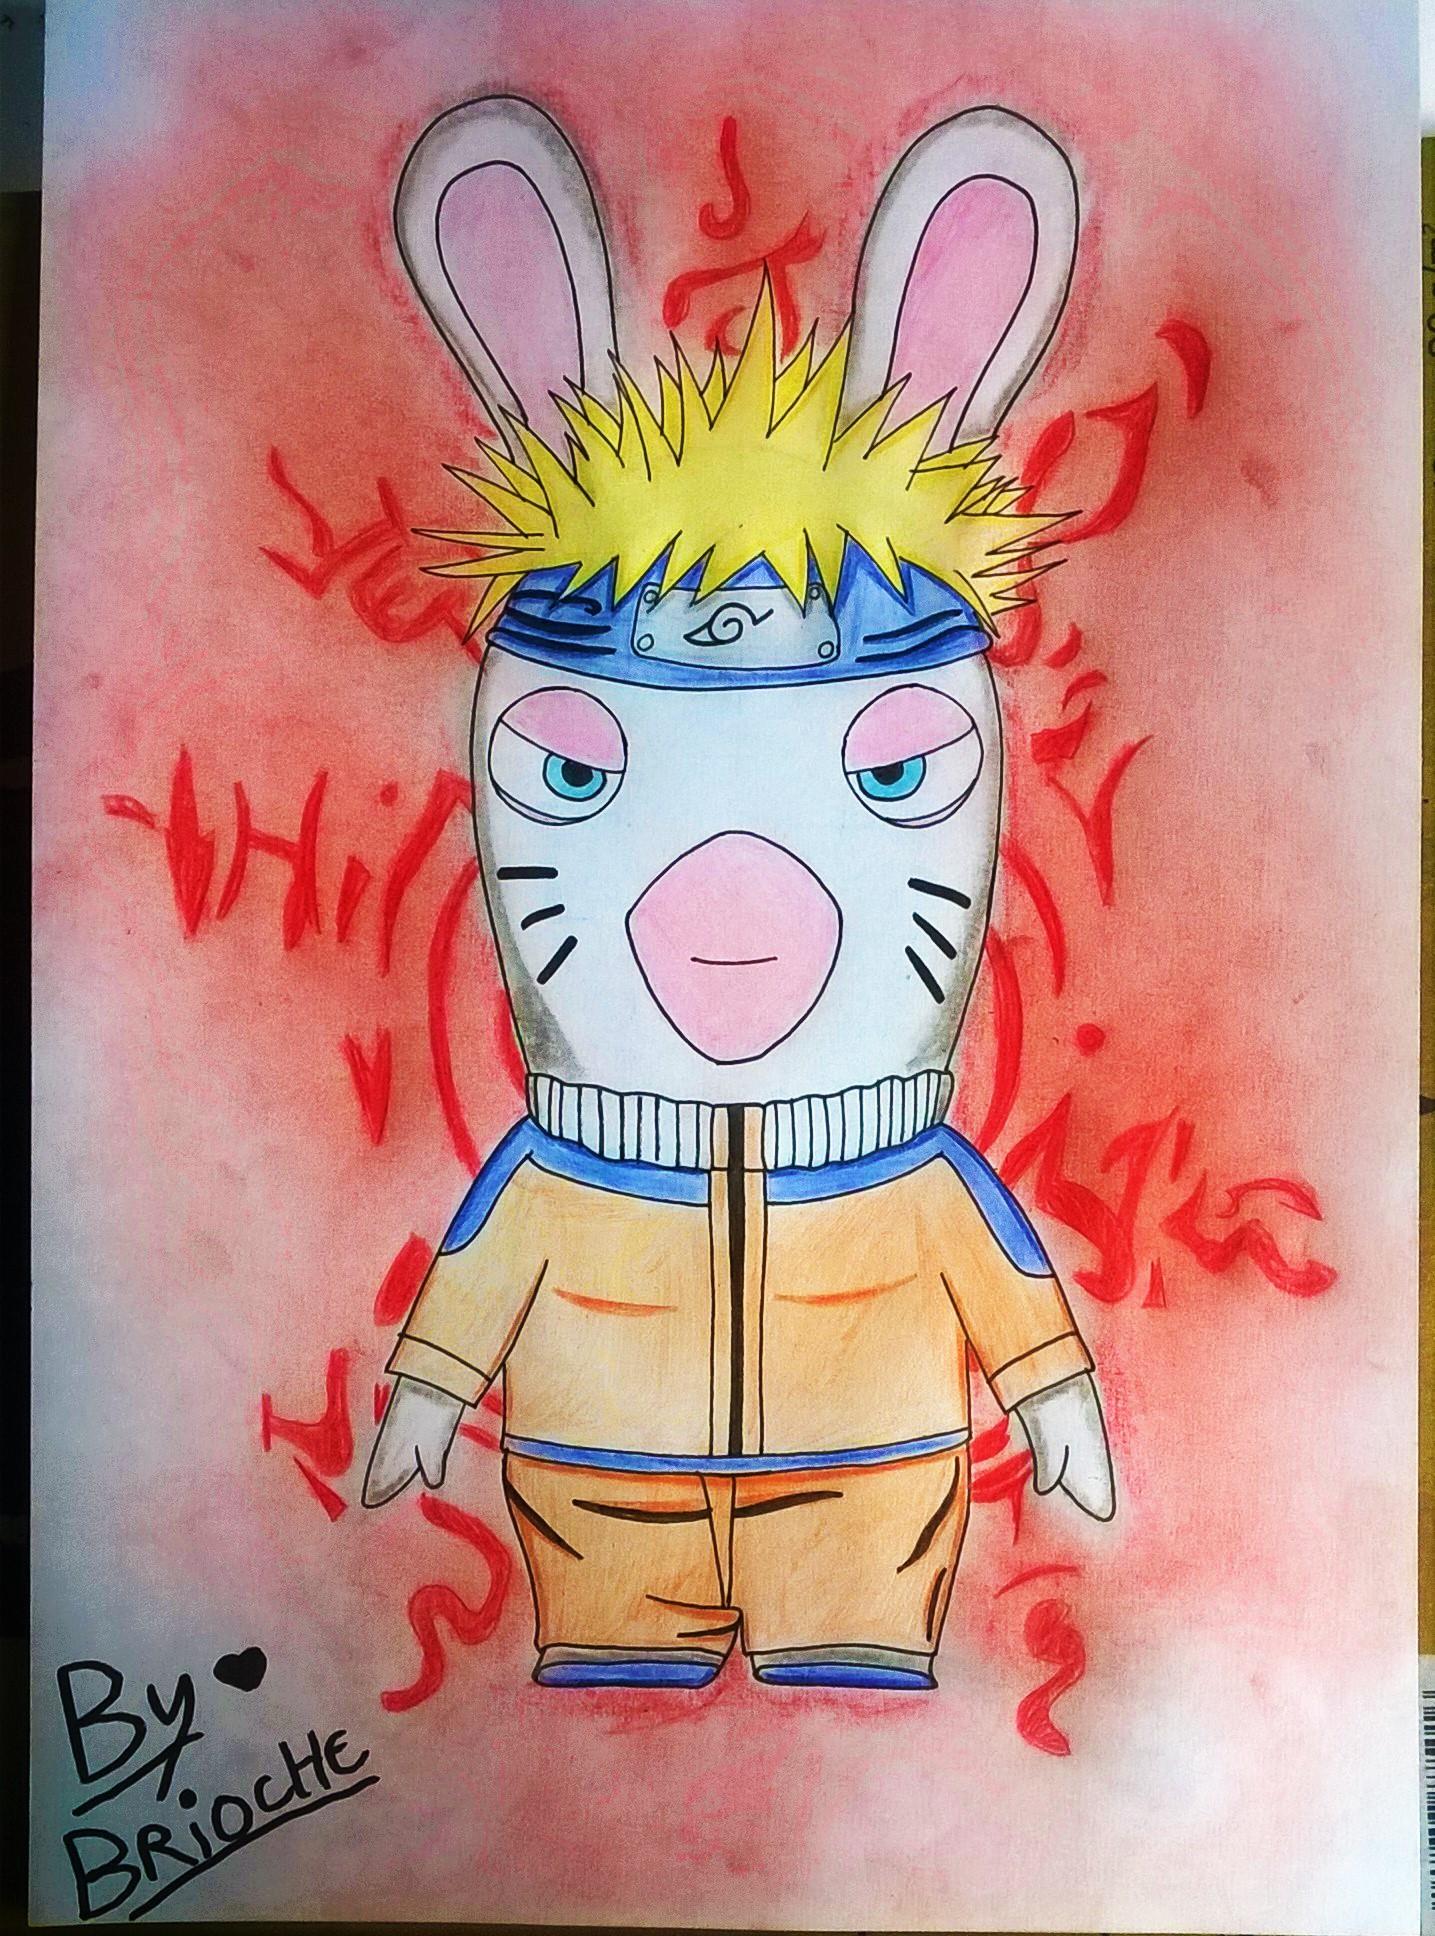 Dessin Lapin Crétin Naruto Pencildrawing Fr